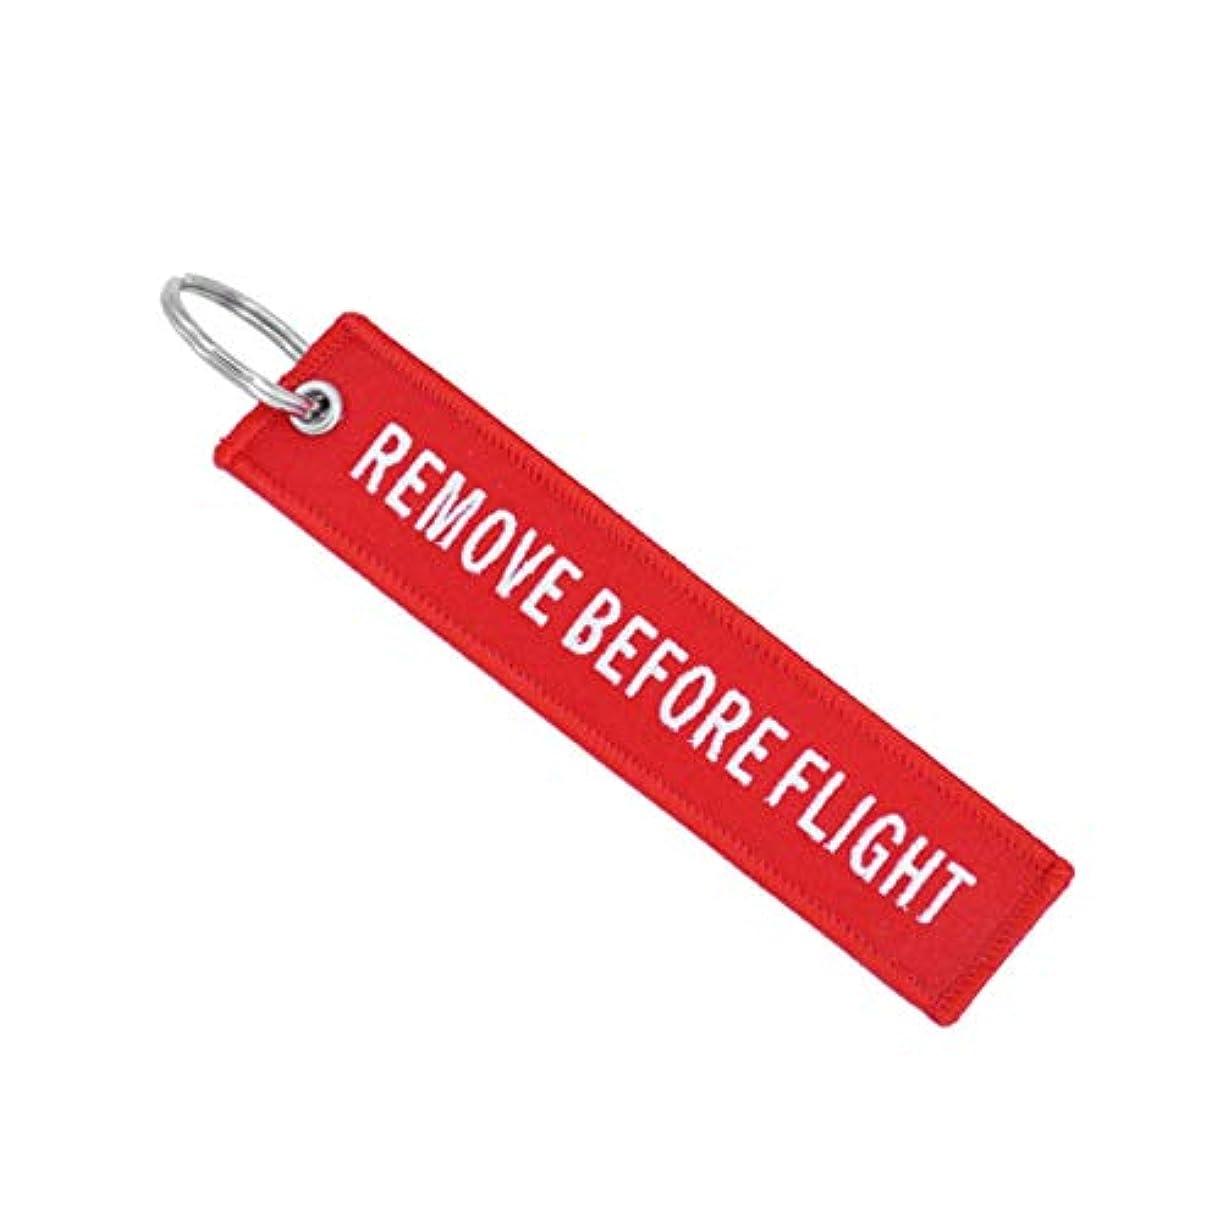 主観的差し引く固体車の航空タグキーチェーンスモールビジネスギフト用の飛行前にキーチェーン刺繍キーリングキーファインダーを削除します(色:赤)